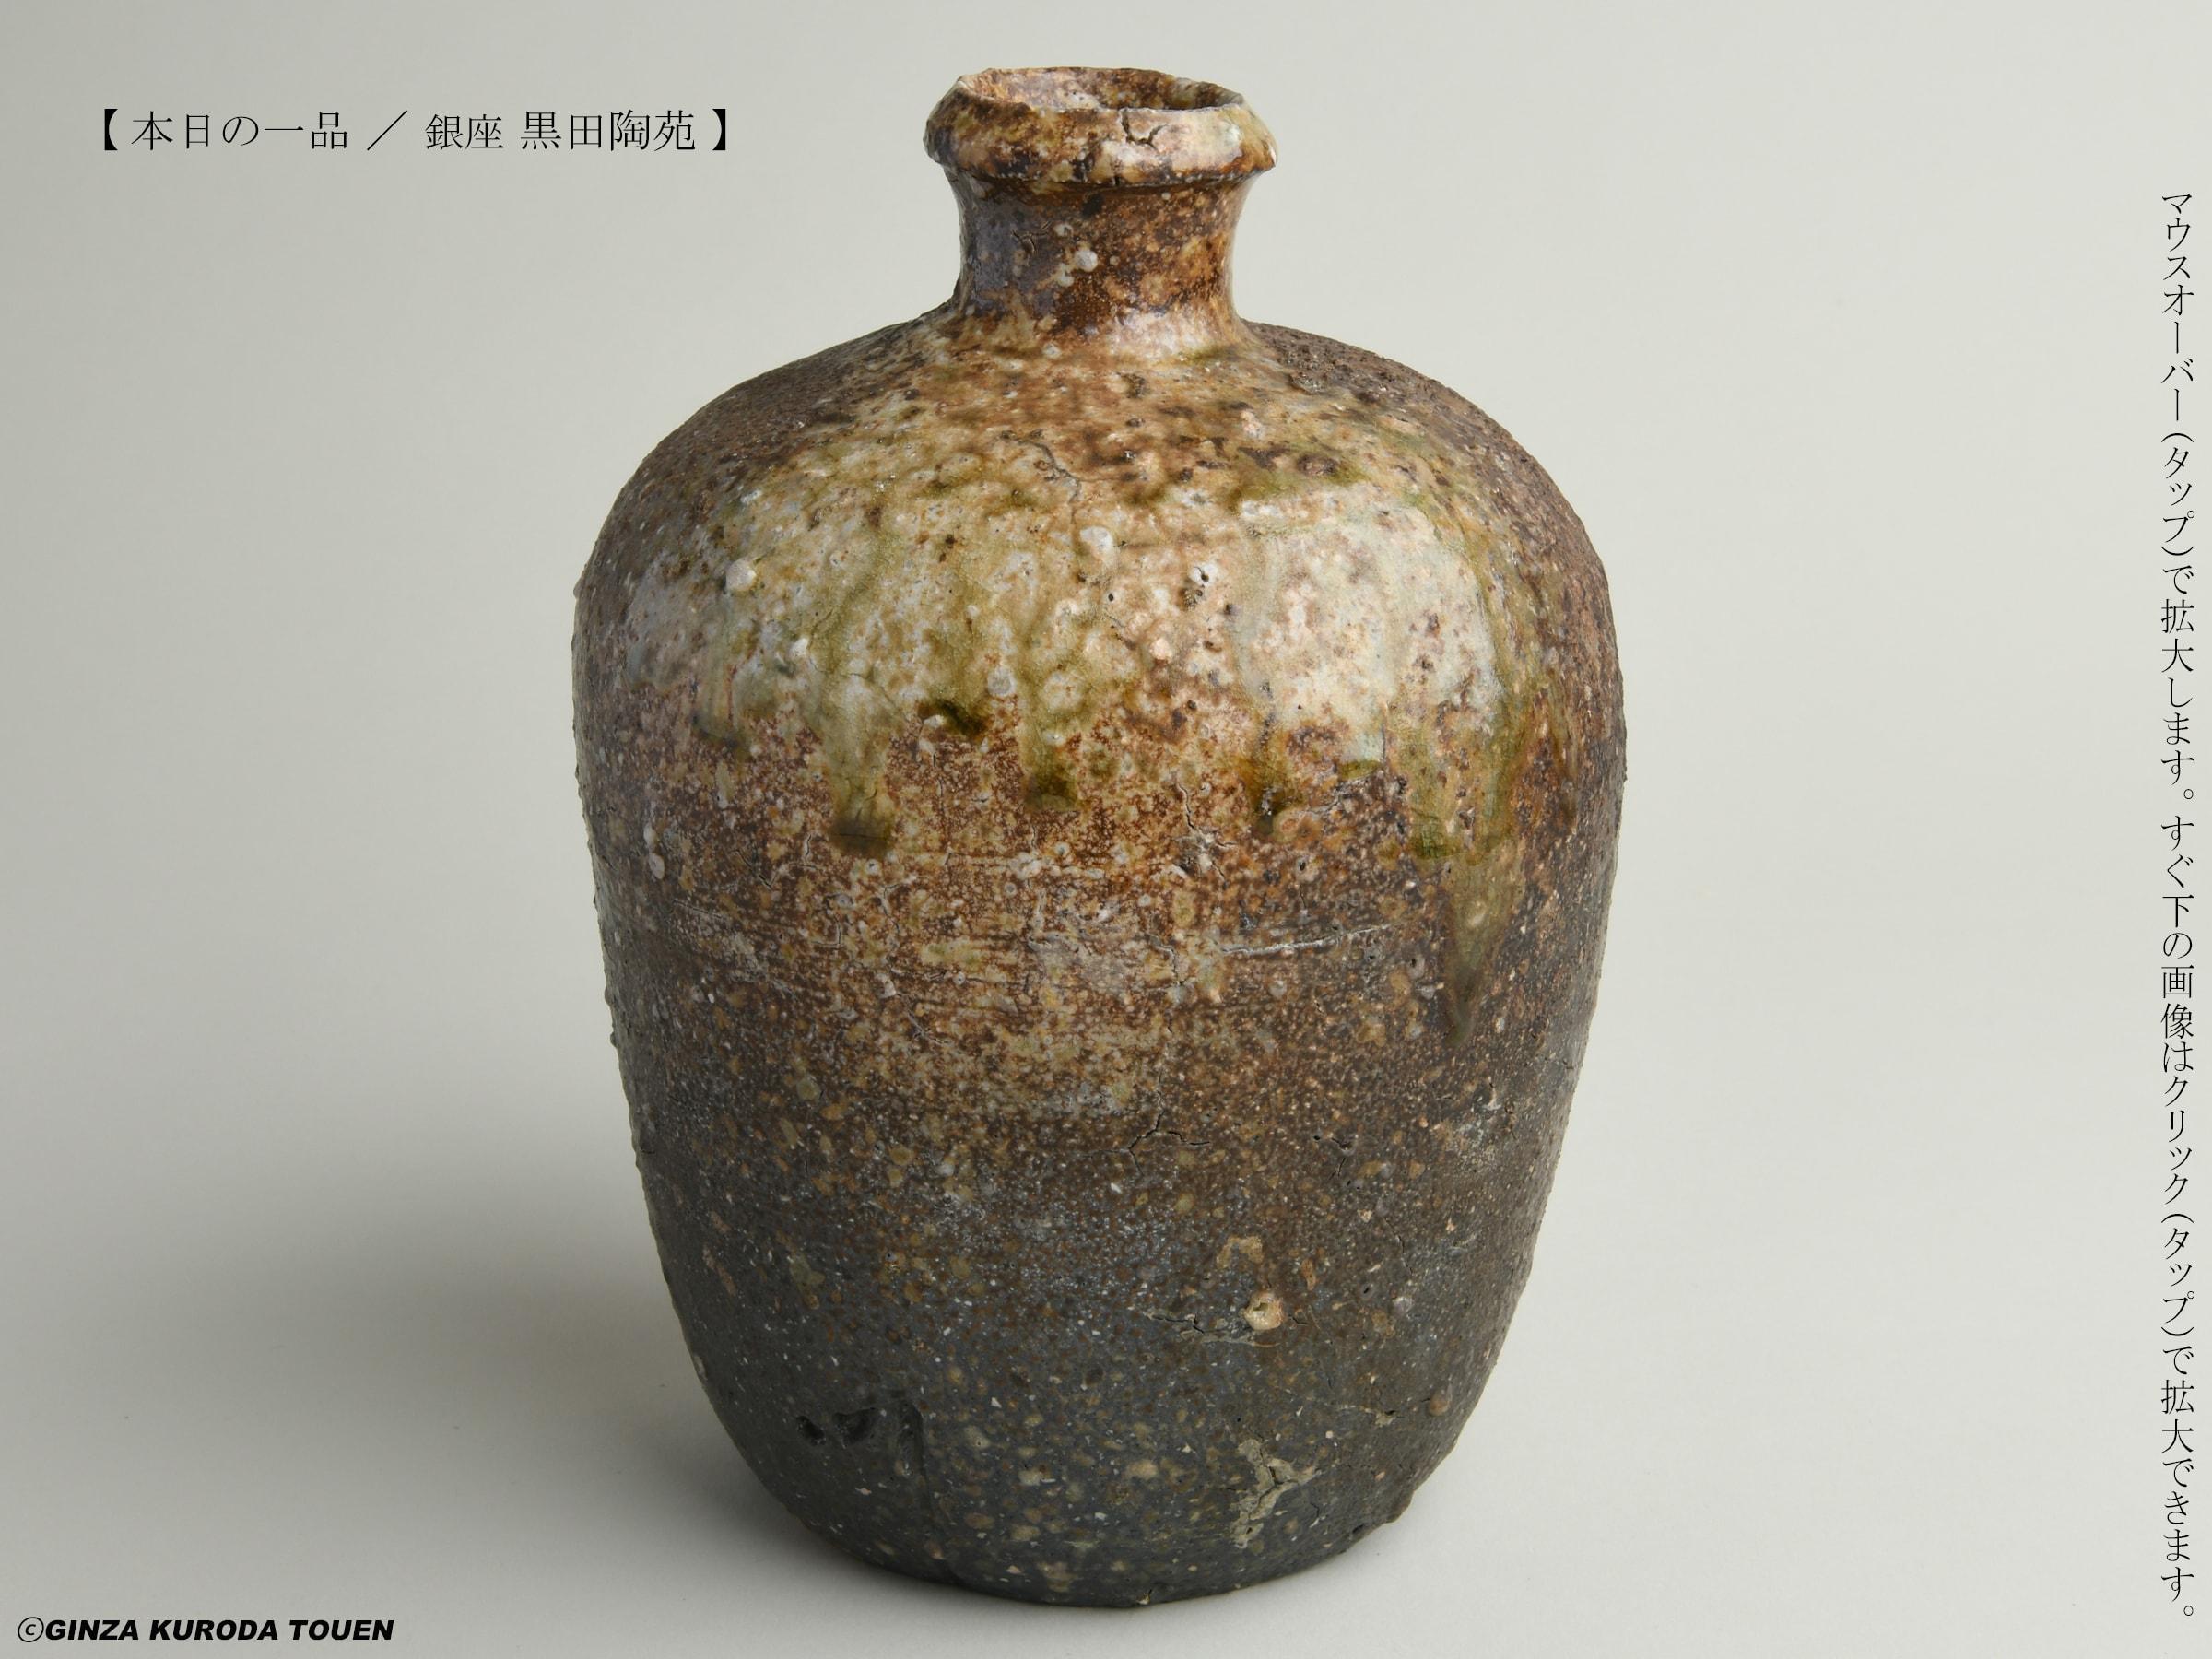 辻󠄀 清明 信楽瓶子